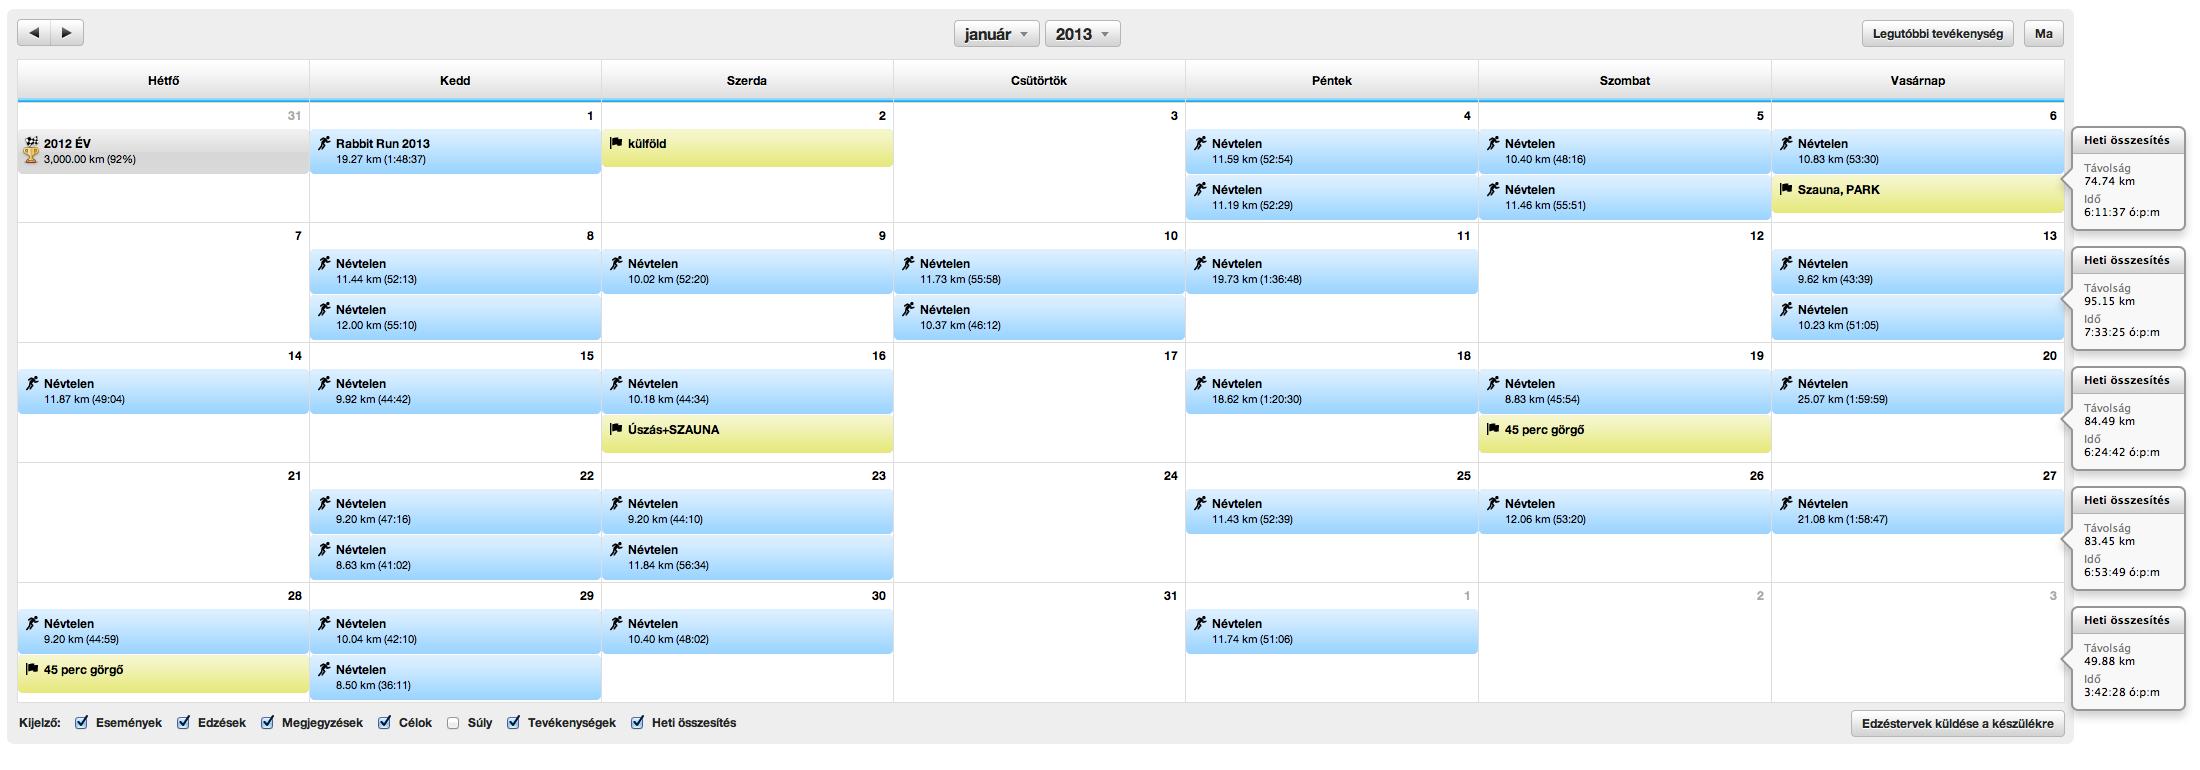 Képernyőfotó 2013-02-01 - 17.01.16.png